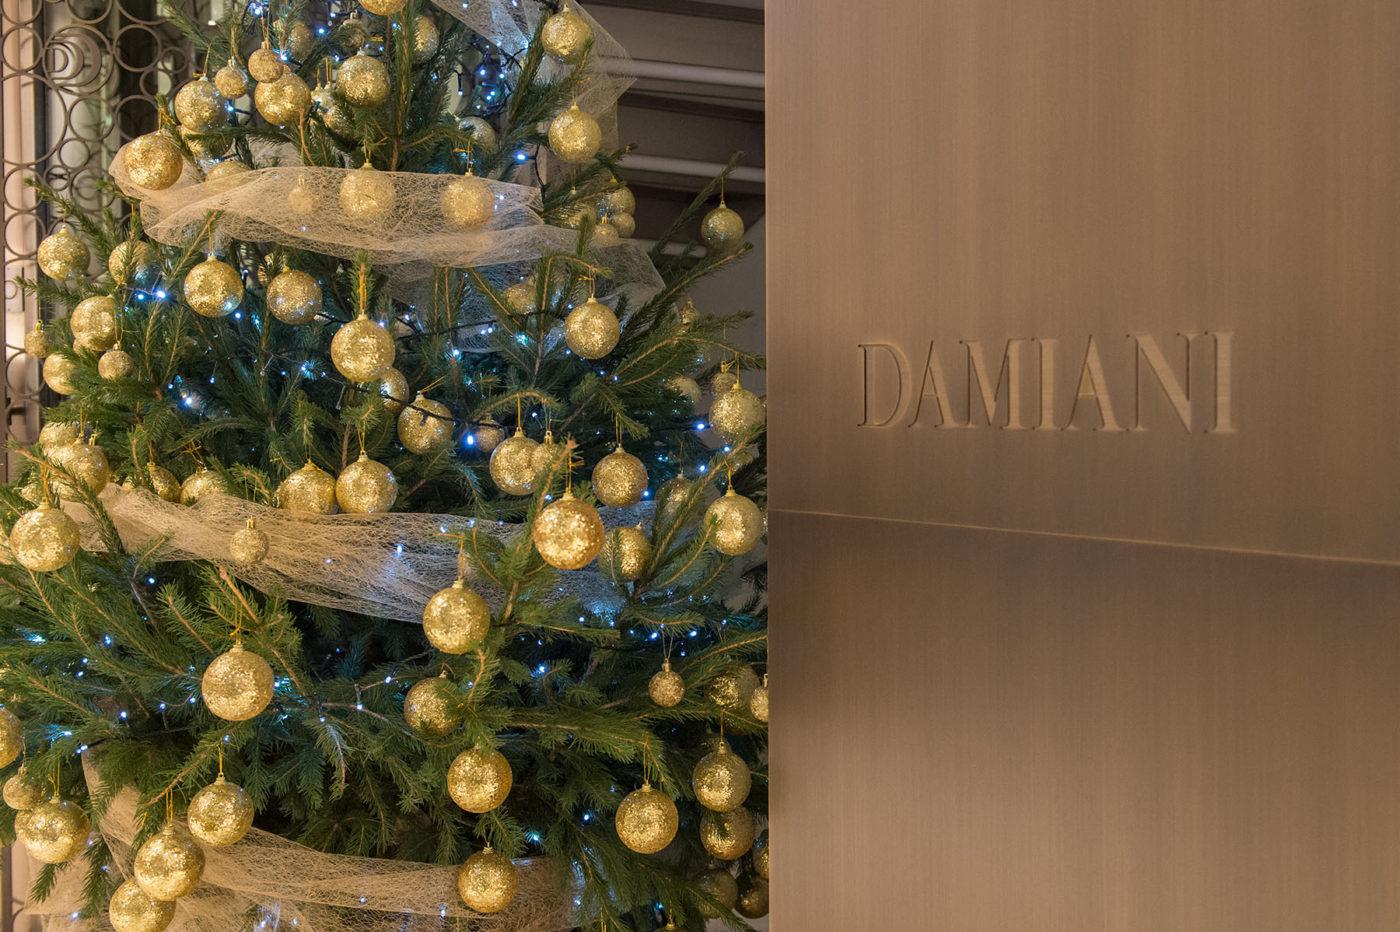 DamianiNatale-5